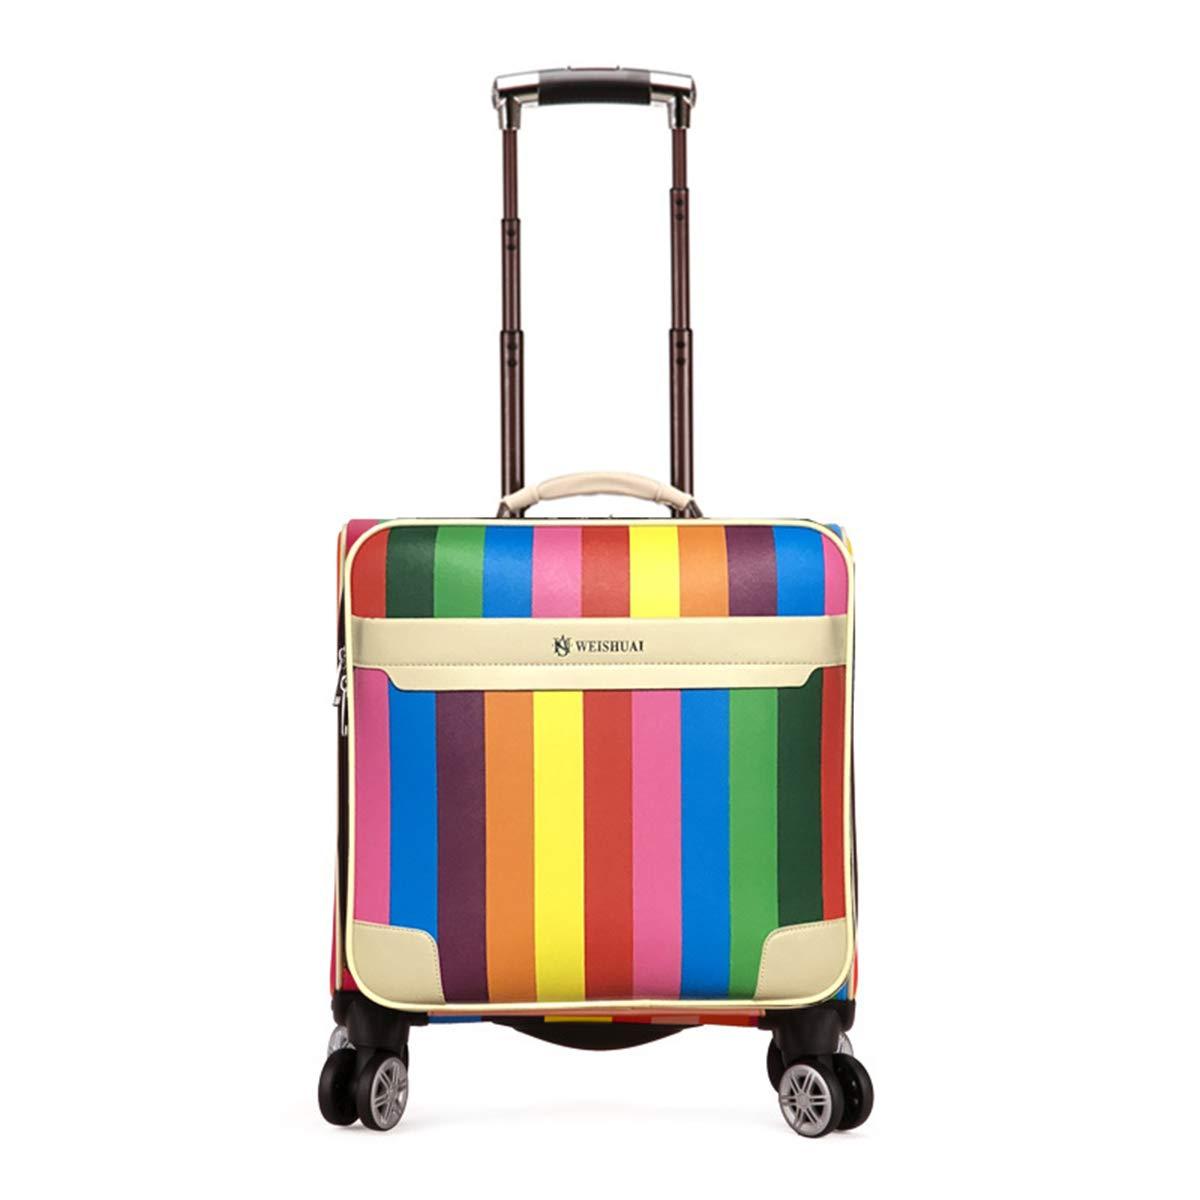 ファッション旅行トロリーケース荷物を運ぶスーツケース動く飛行機用シートバッグ週末休暇のビジネスカレッジ女性/学生,A,18inch 18inch A B07R9WT4RH